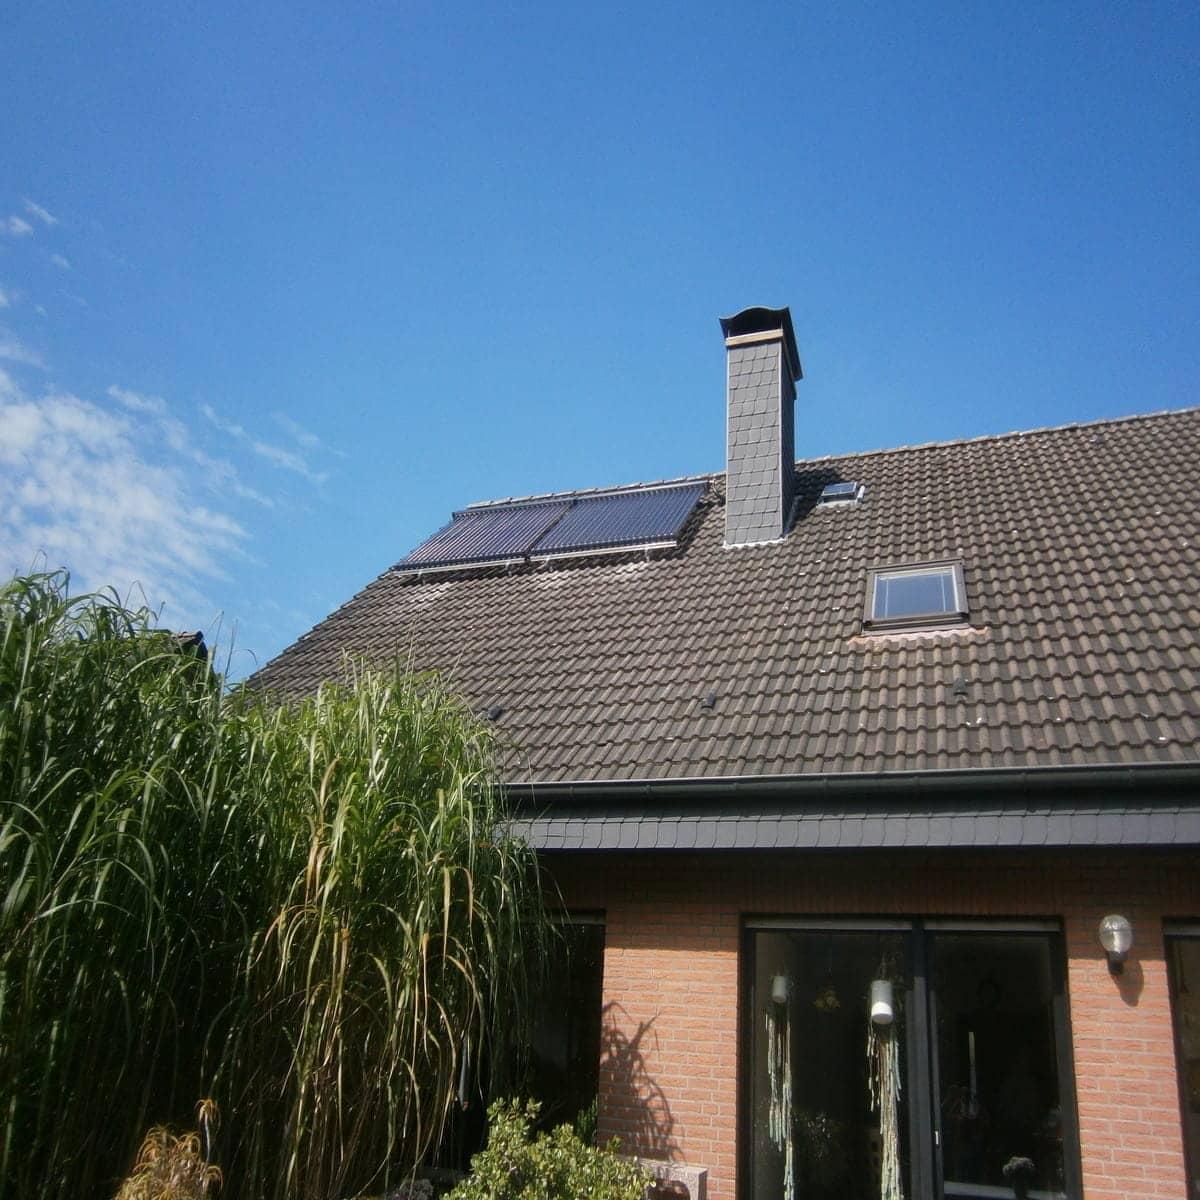 solaranlage im altbau mit euro gef rdert bad ofen heizung. Black Bedroom Furniture Sets. Home Design Ideas